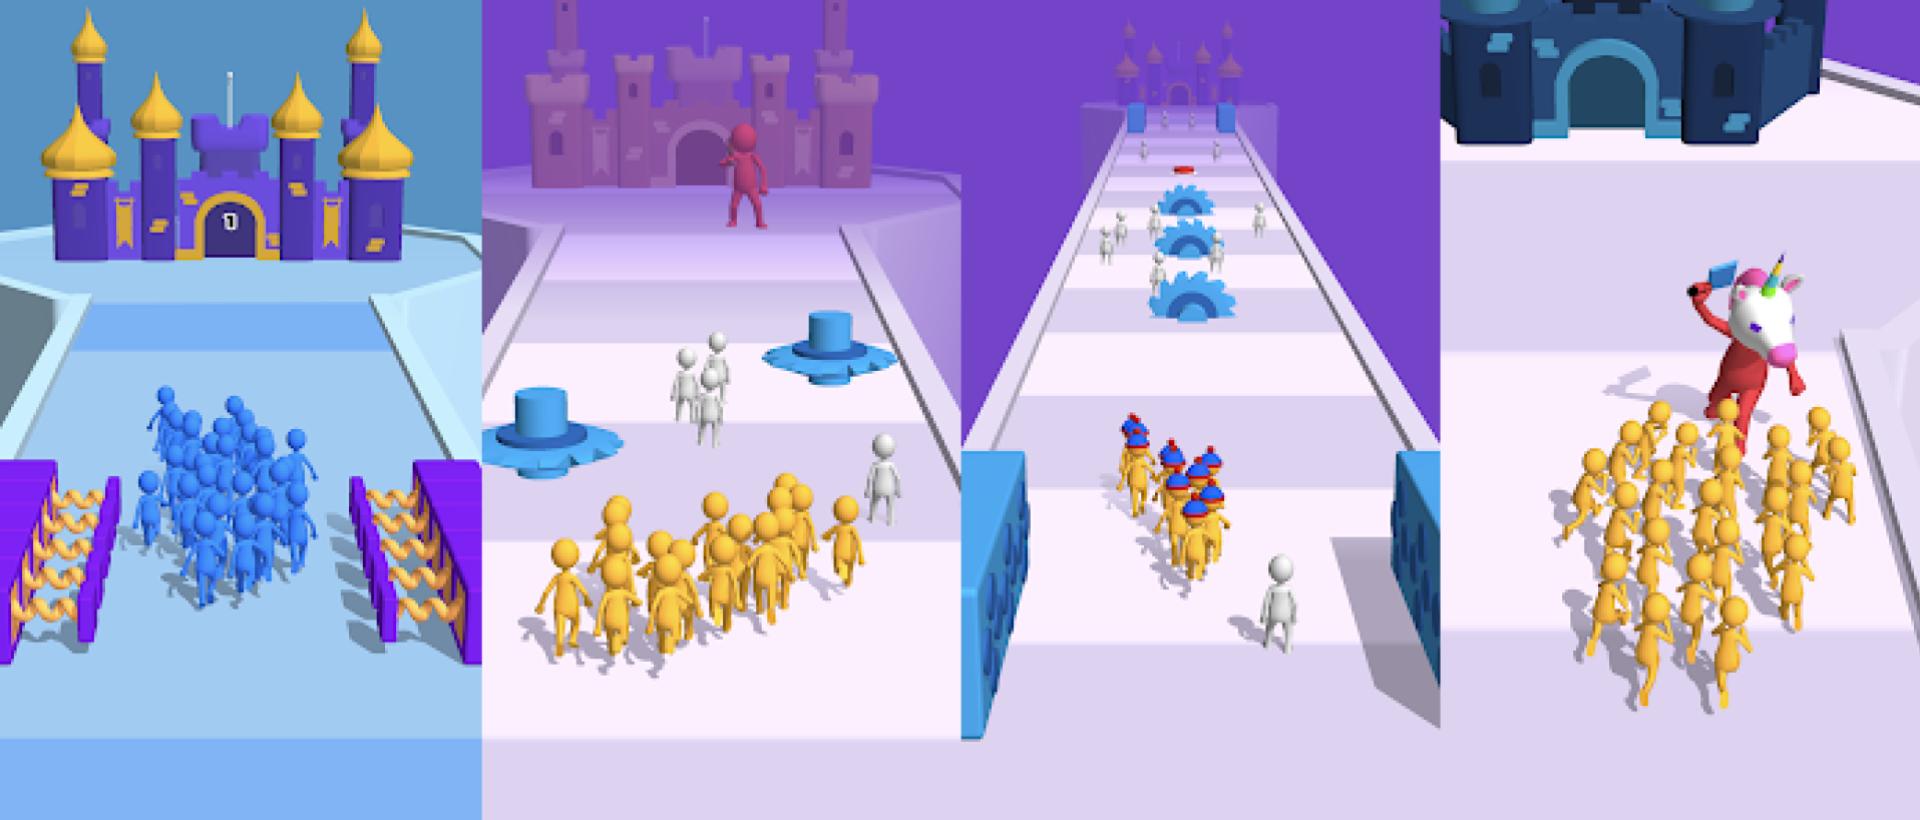 Among Us đánh mất top 1 tựa game mobile download nhiều nhất thế giớí, vị trí dẫn đầy thuộc về tựa game: Join Clash 3D mobile